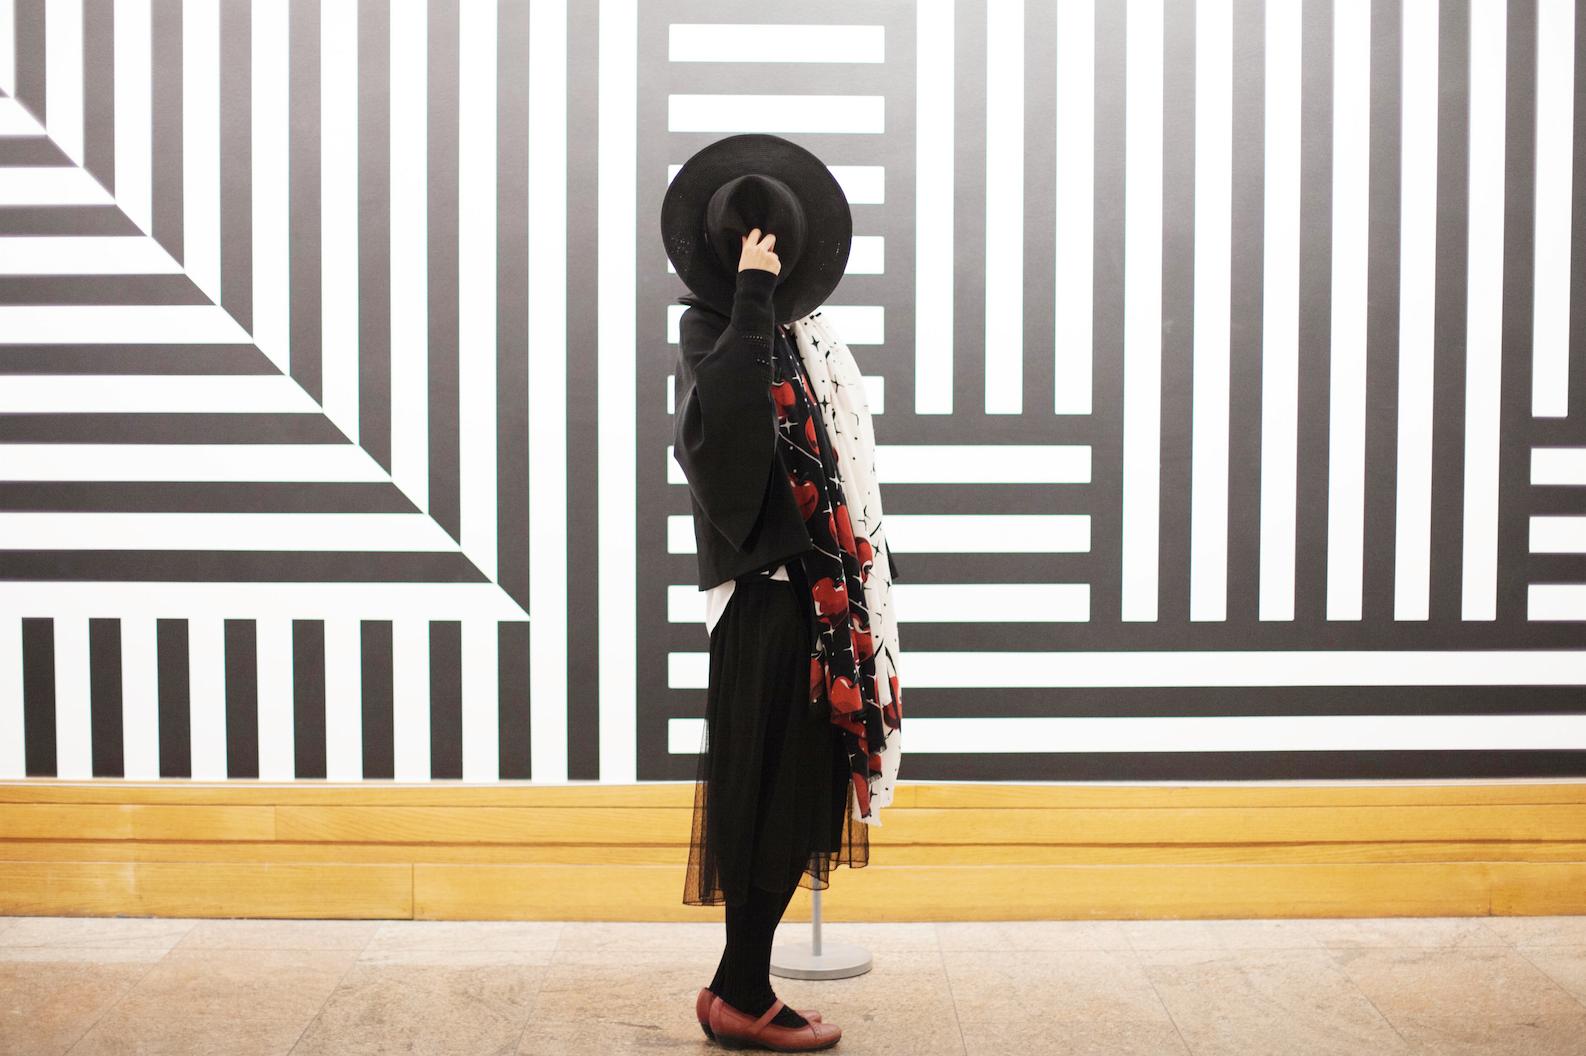 【华丽集 · 轻专访】Charleen Design:一个罗德岛工业设计专业学生和她的印花丝巾